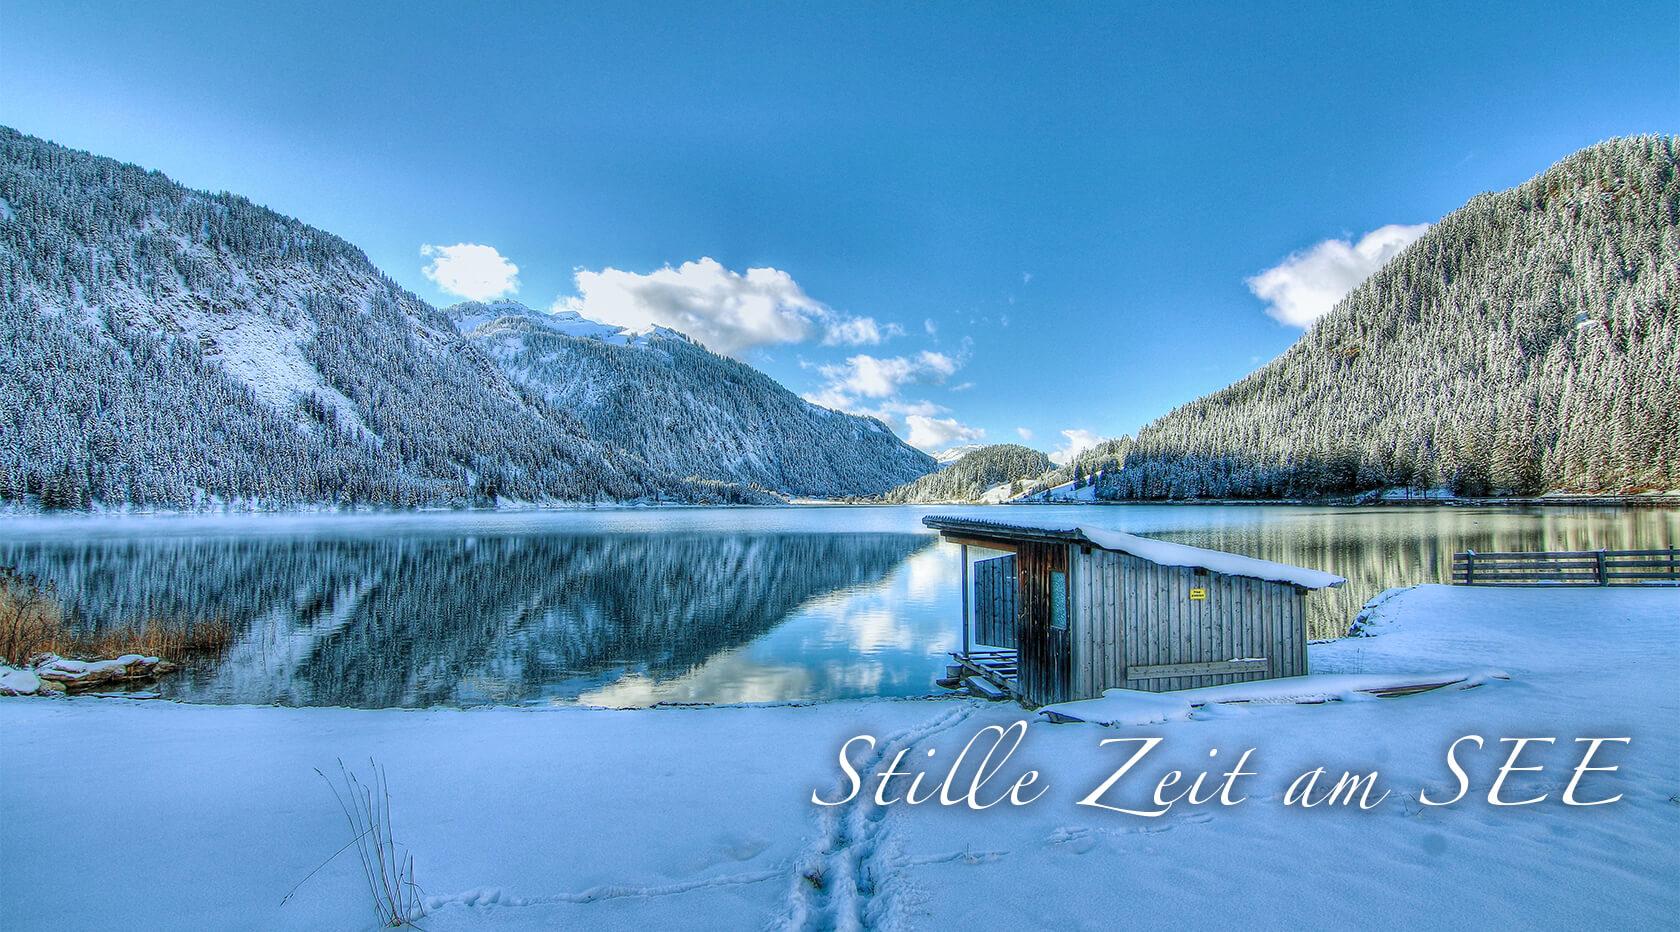 Stille Zeit am SEE - Abschalten und Kraft tanken - Hotel Via Salina